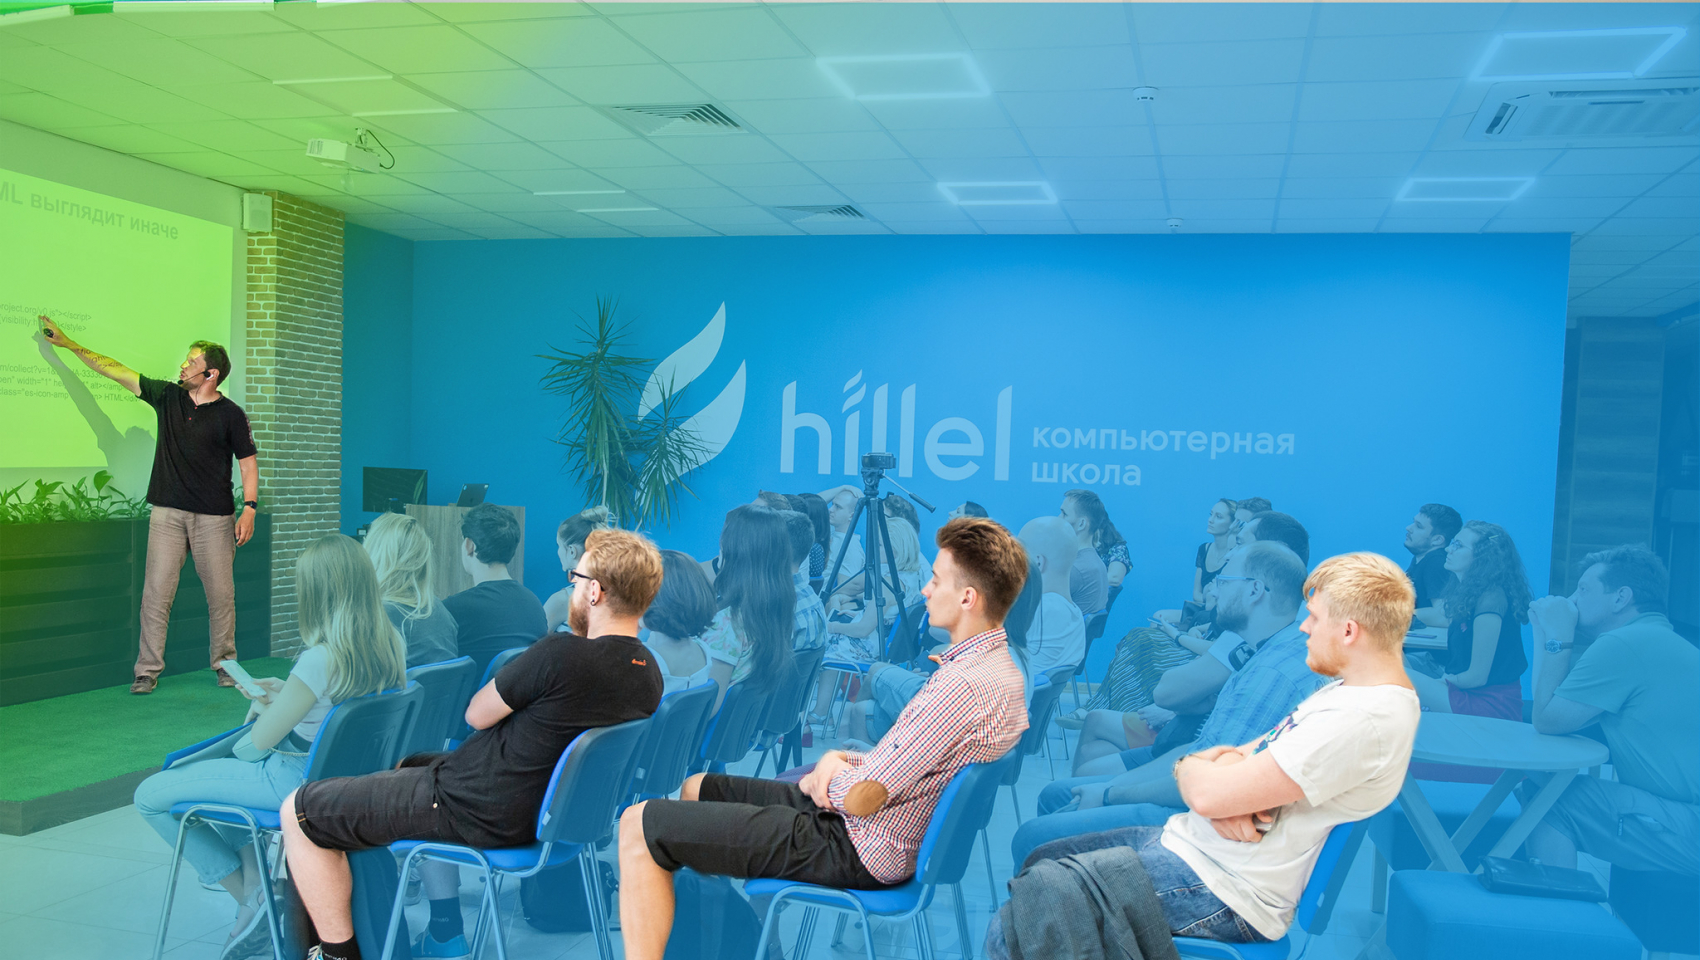 Открытая встреча «Хочу в IT. С чего начать?» в Киеве 23 октября